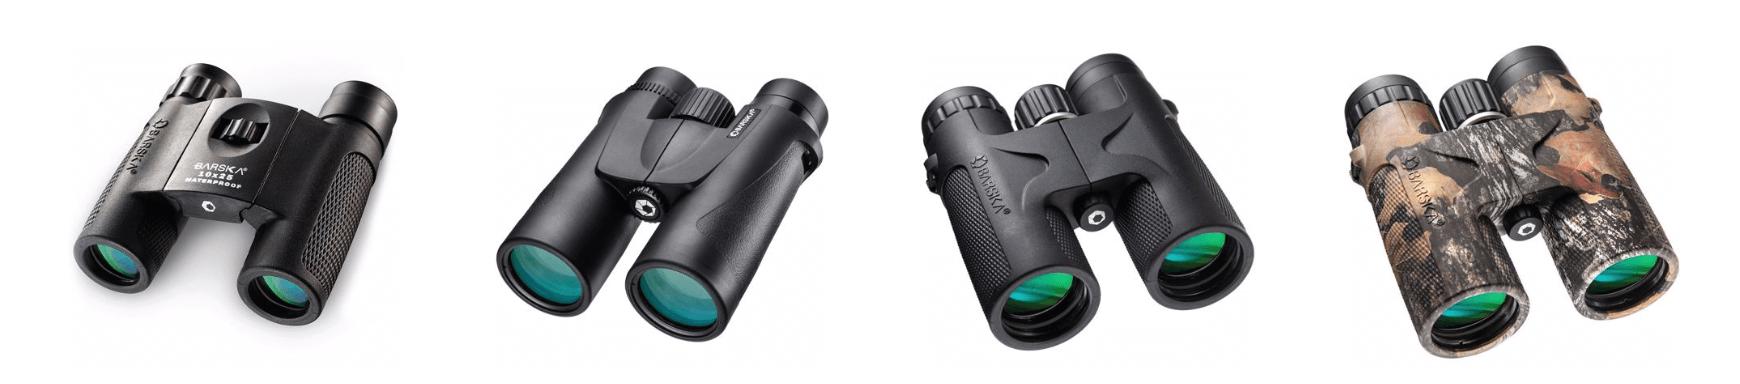 selection-of-barska-binoculars